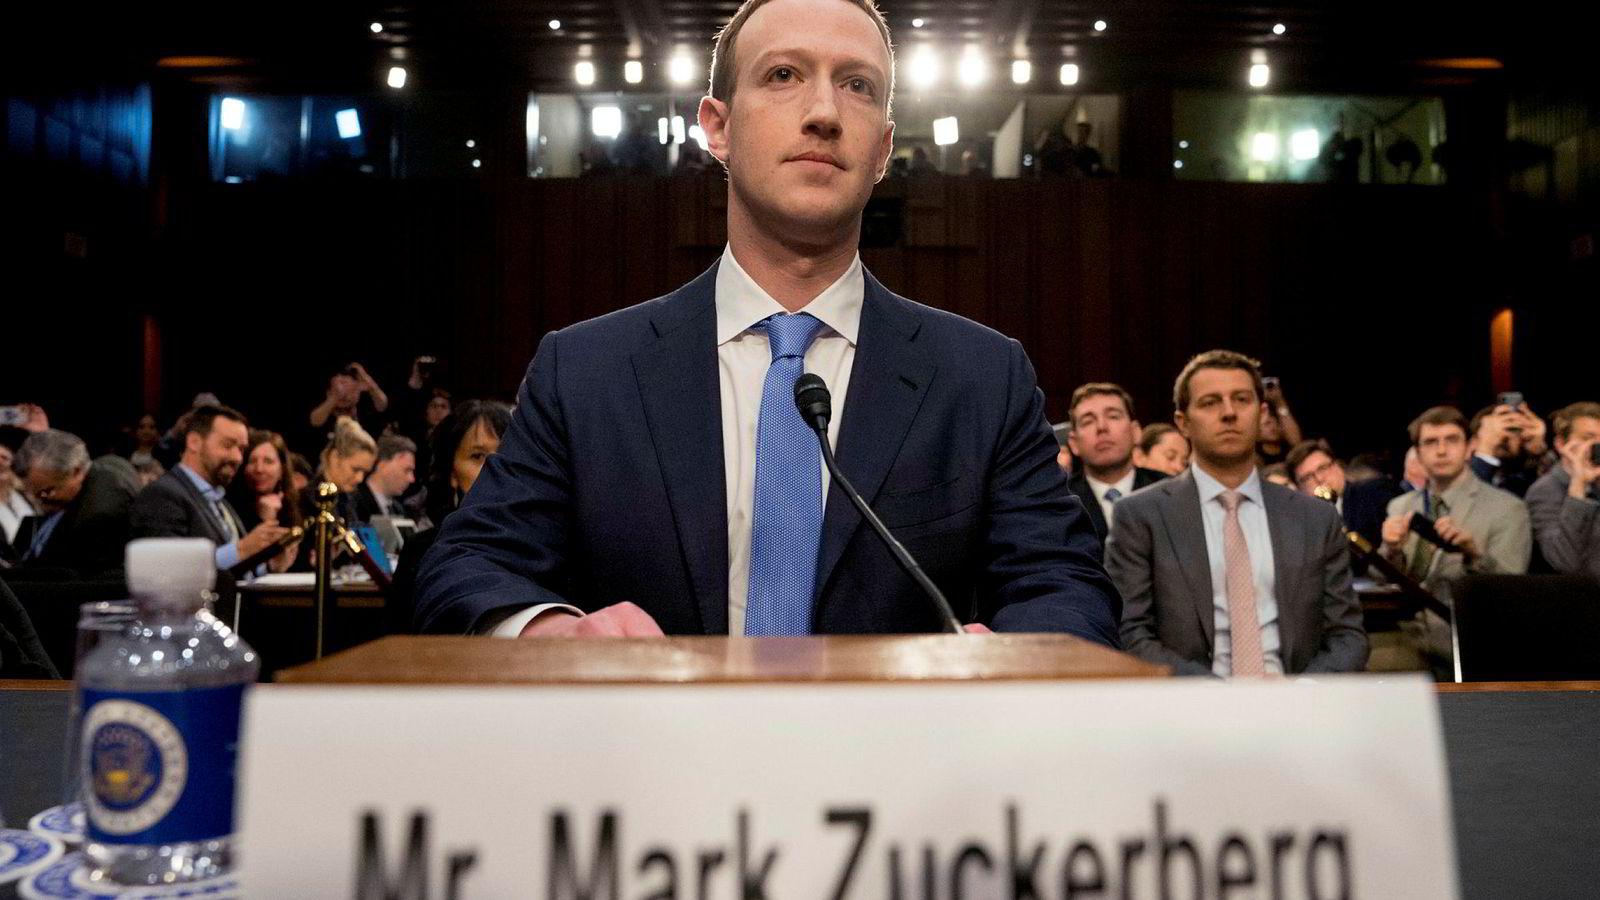 Facebook toppsjef Mark Zuckerberg forklarte seg i april om misbruk av Facebook-data i det amerikanske valget i 2016 i en høring i den amerikanske kongressen.